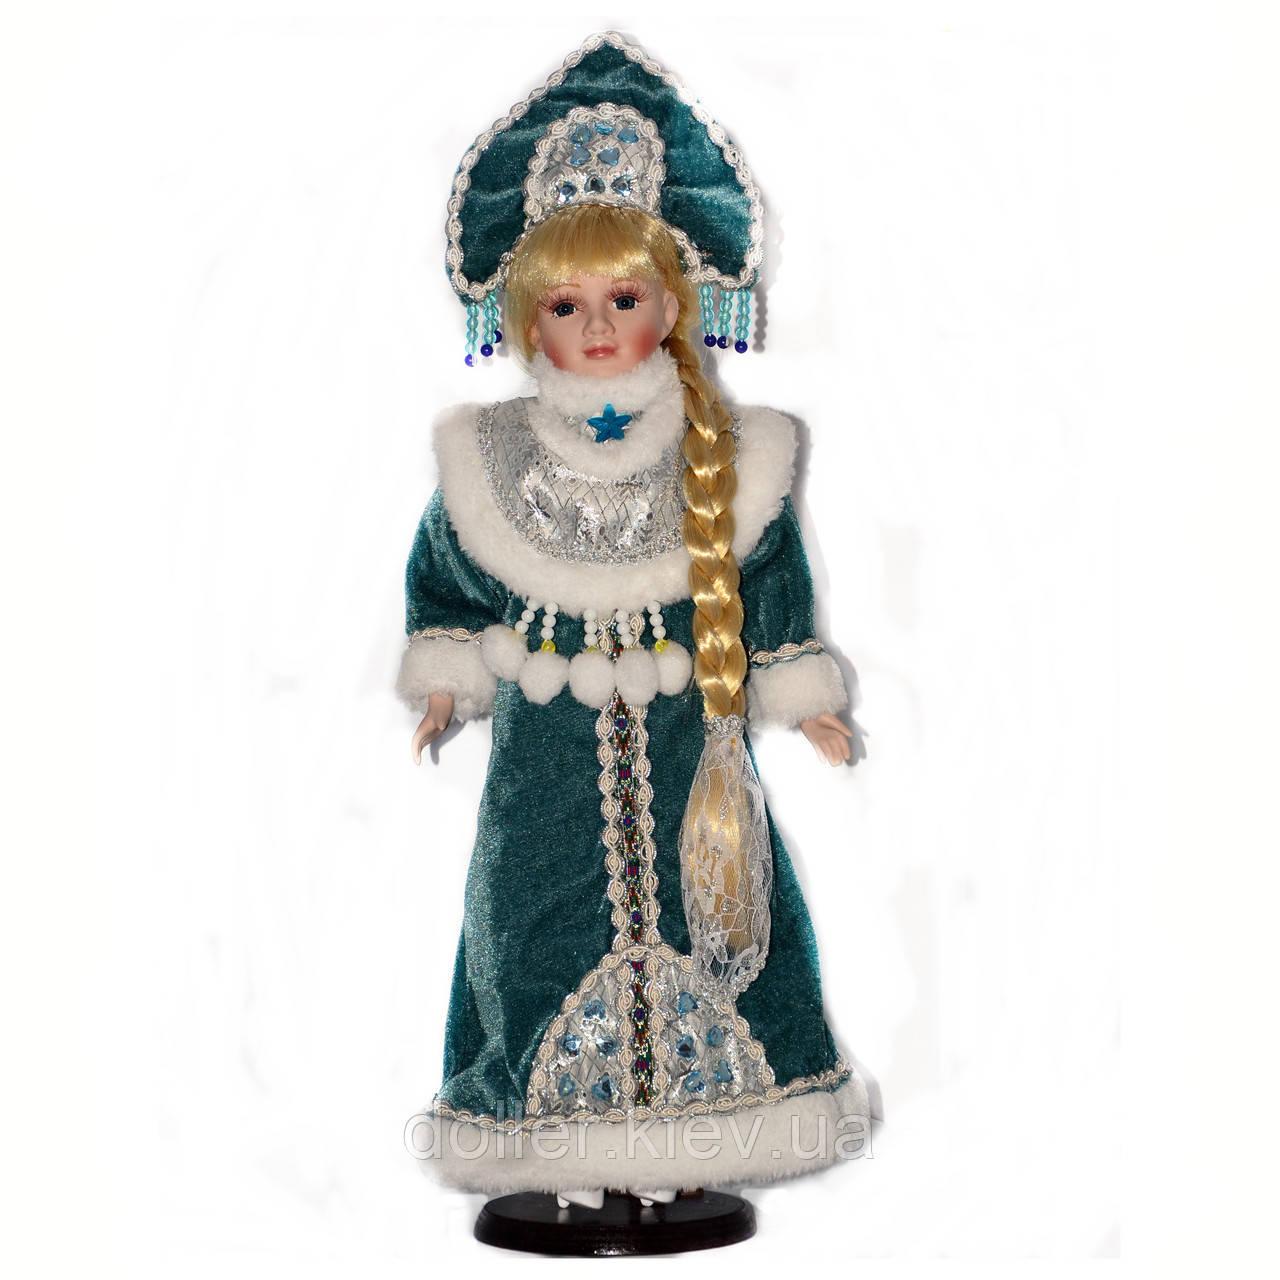 кукла фарфоровая купить интернет